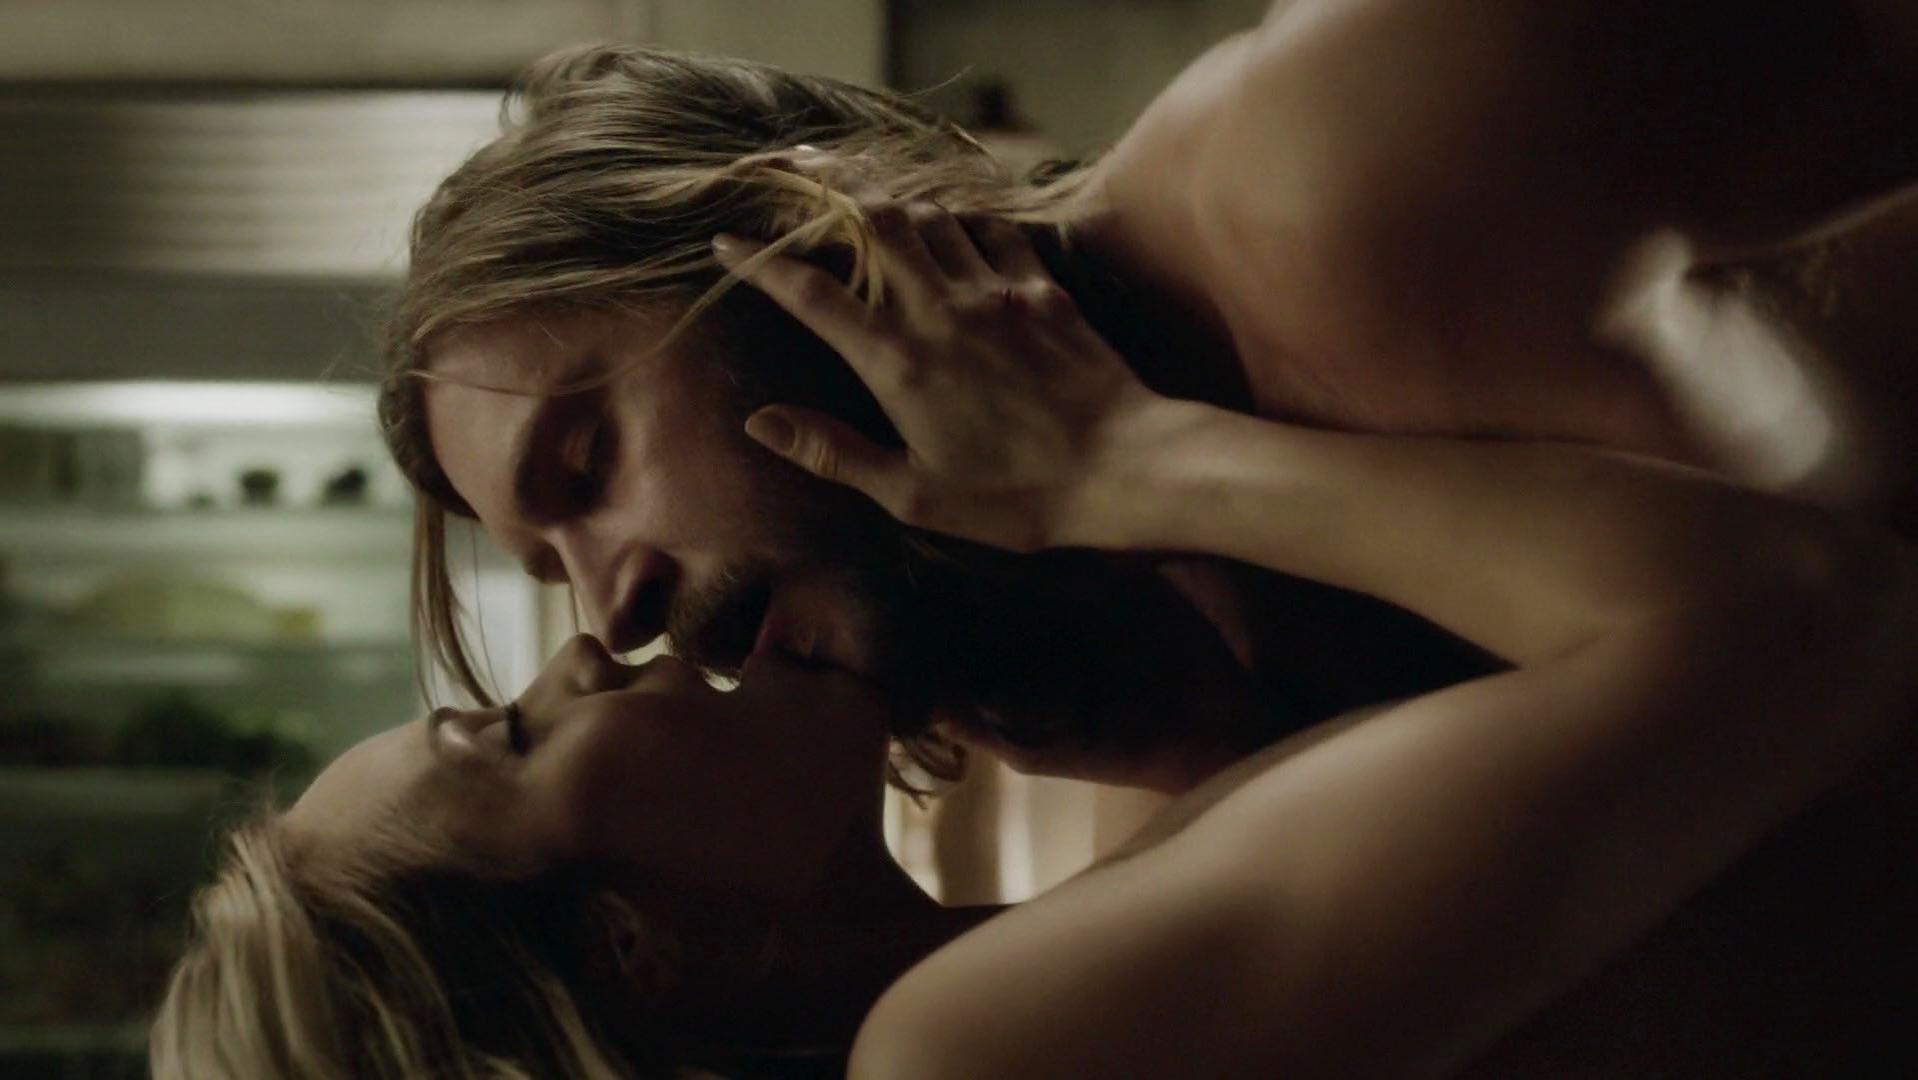 Nude Video Celebs  Laura Vandervoort Sexy - Bitten S03E02 -8419